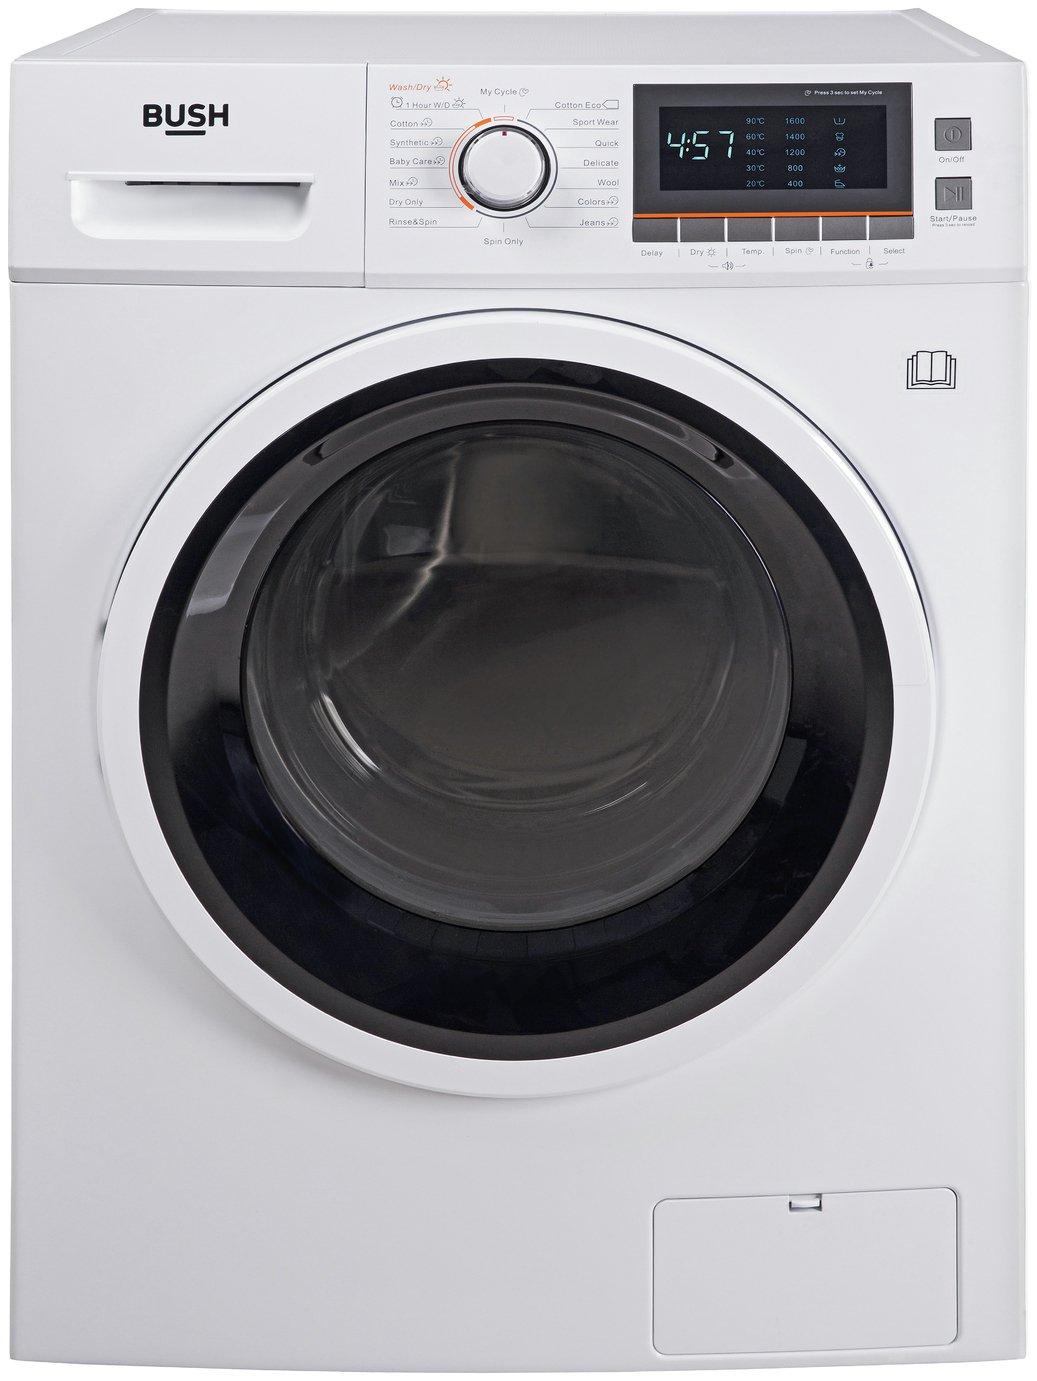 Bush WDNBX107W 10KG / 7KG 1600 Spin Washer Dryer - White